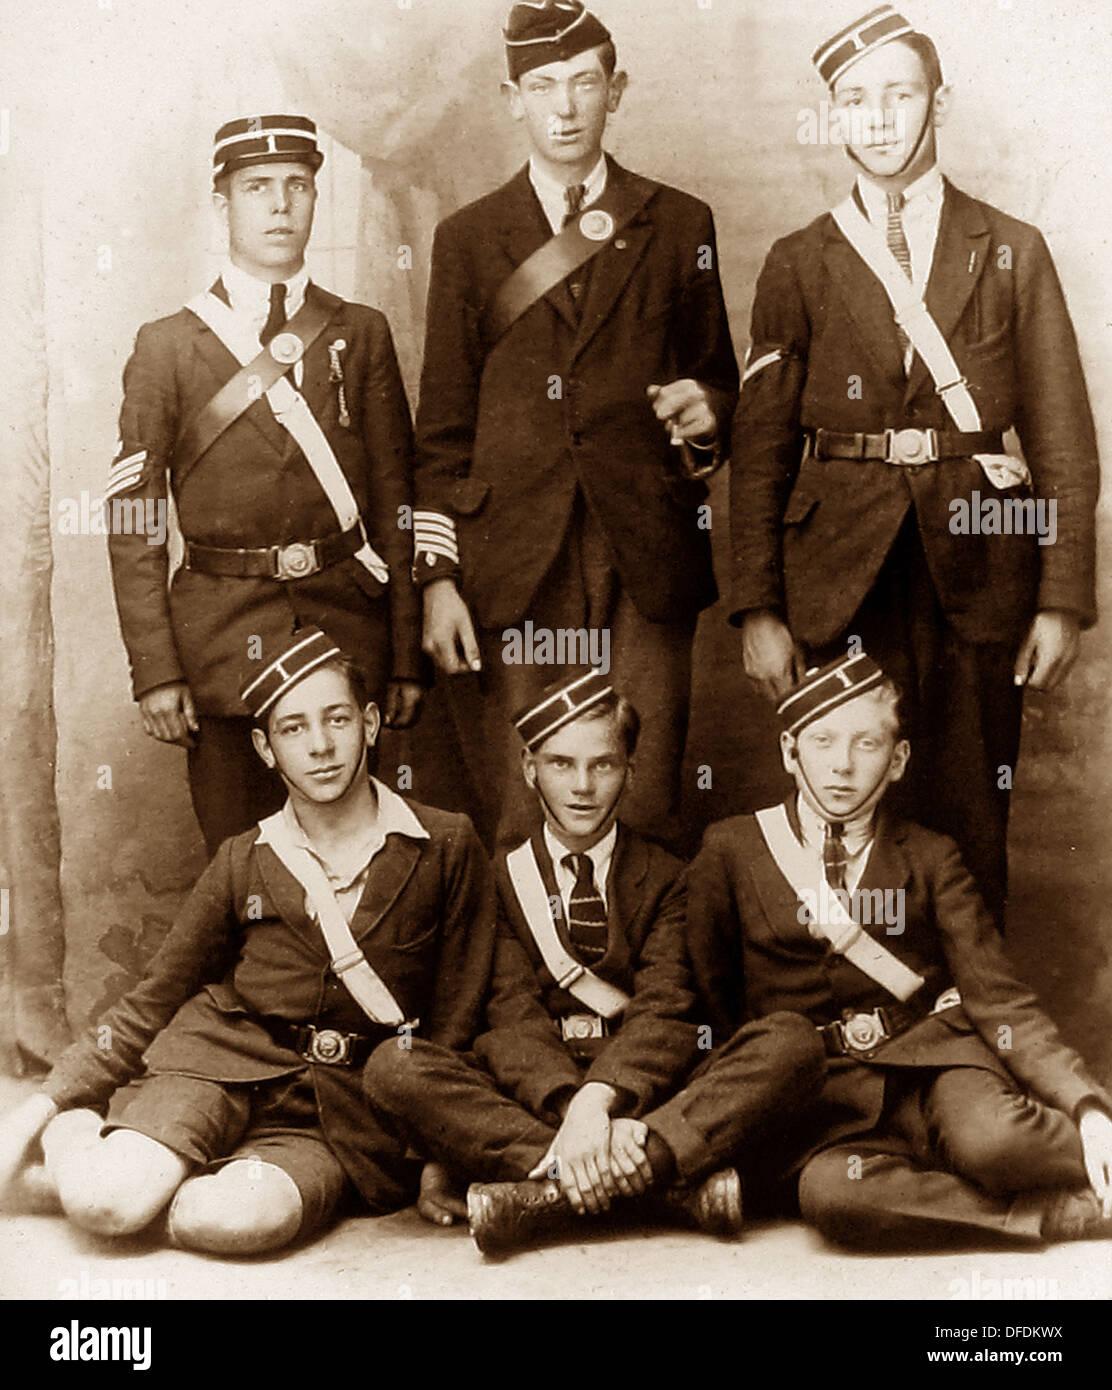 Boys Brigade probably 1920s - Stock Image